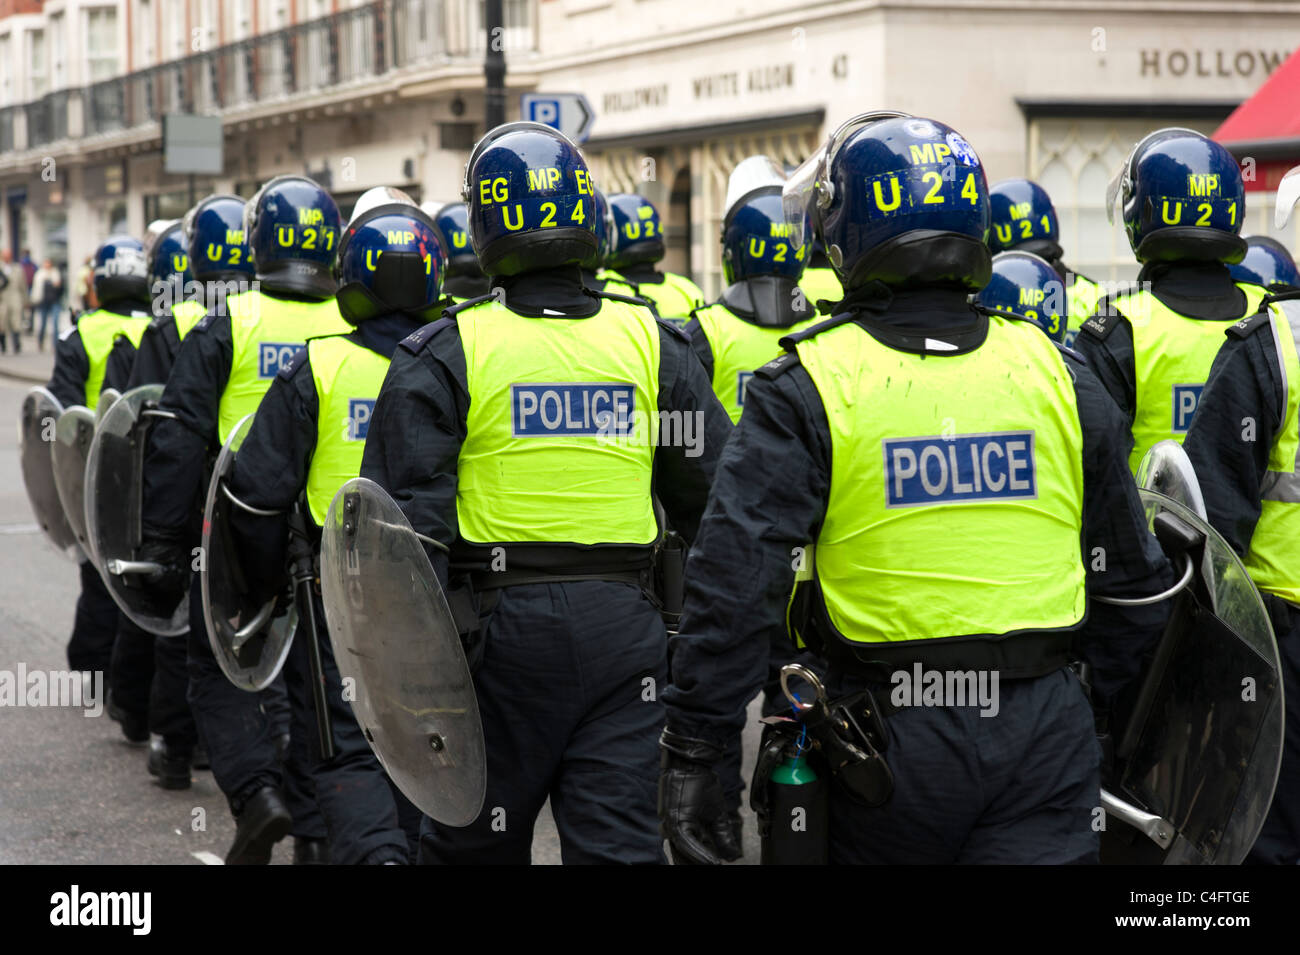 La polizia antisommossa, London, Regno Unito Immagini Stock